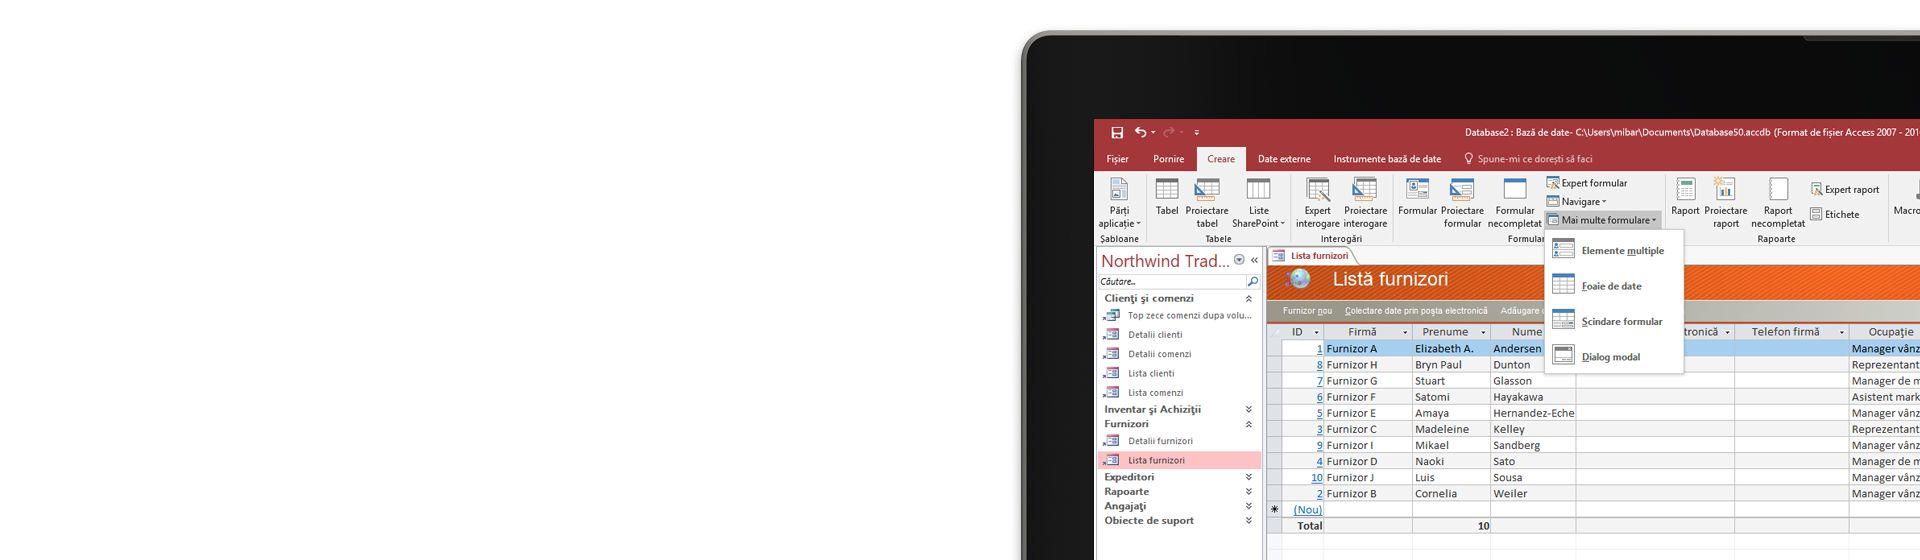 Colțul unui ecran de computer afișând o listă de furnizori dintr-o bază de date în Microsoft Access.